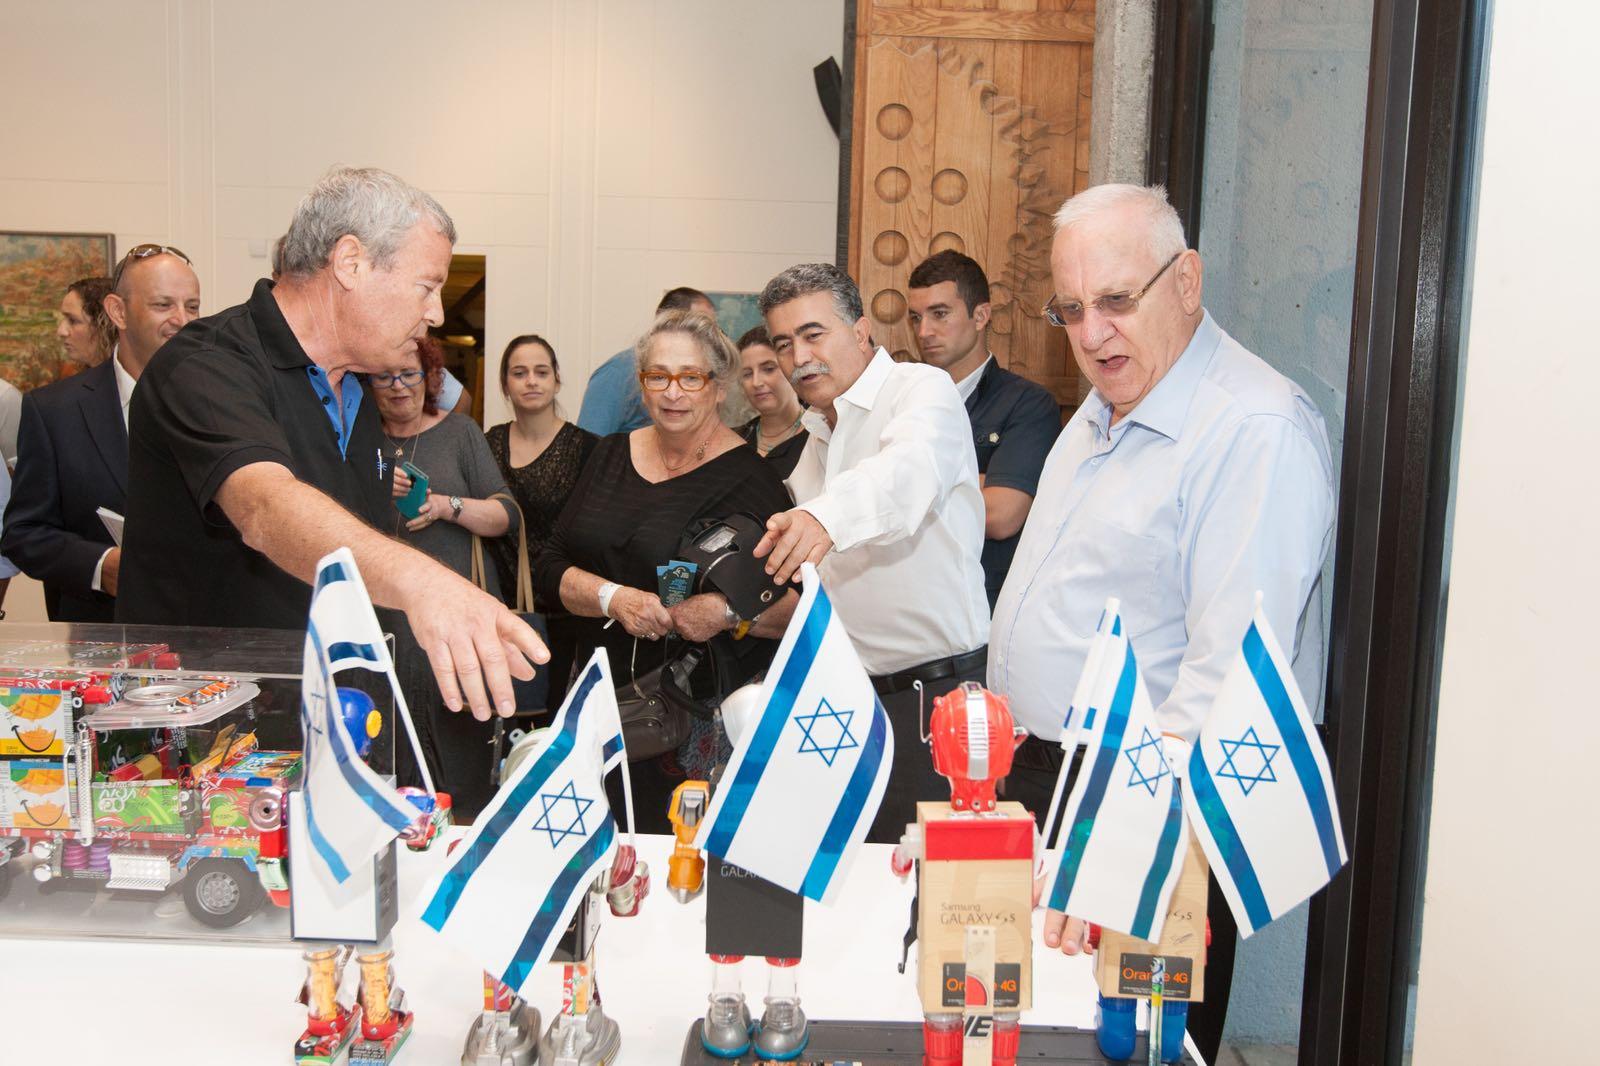 יוסי וייס מציג את יצירותיו בבית הנשיא